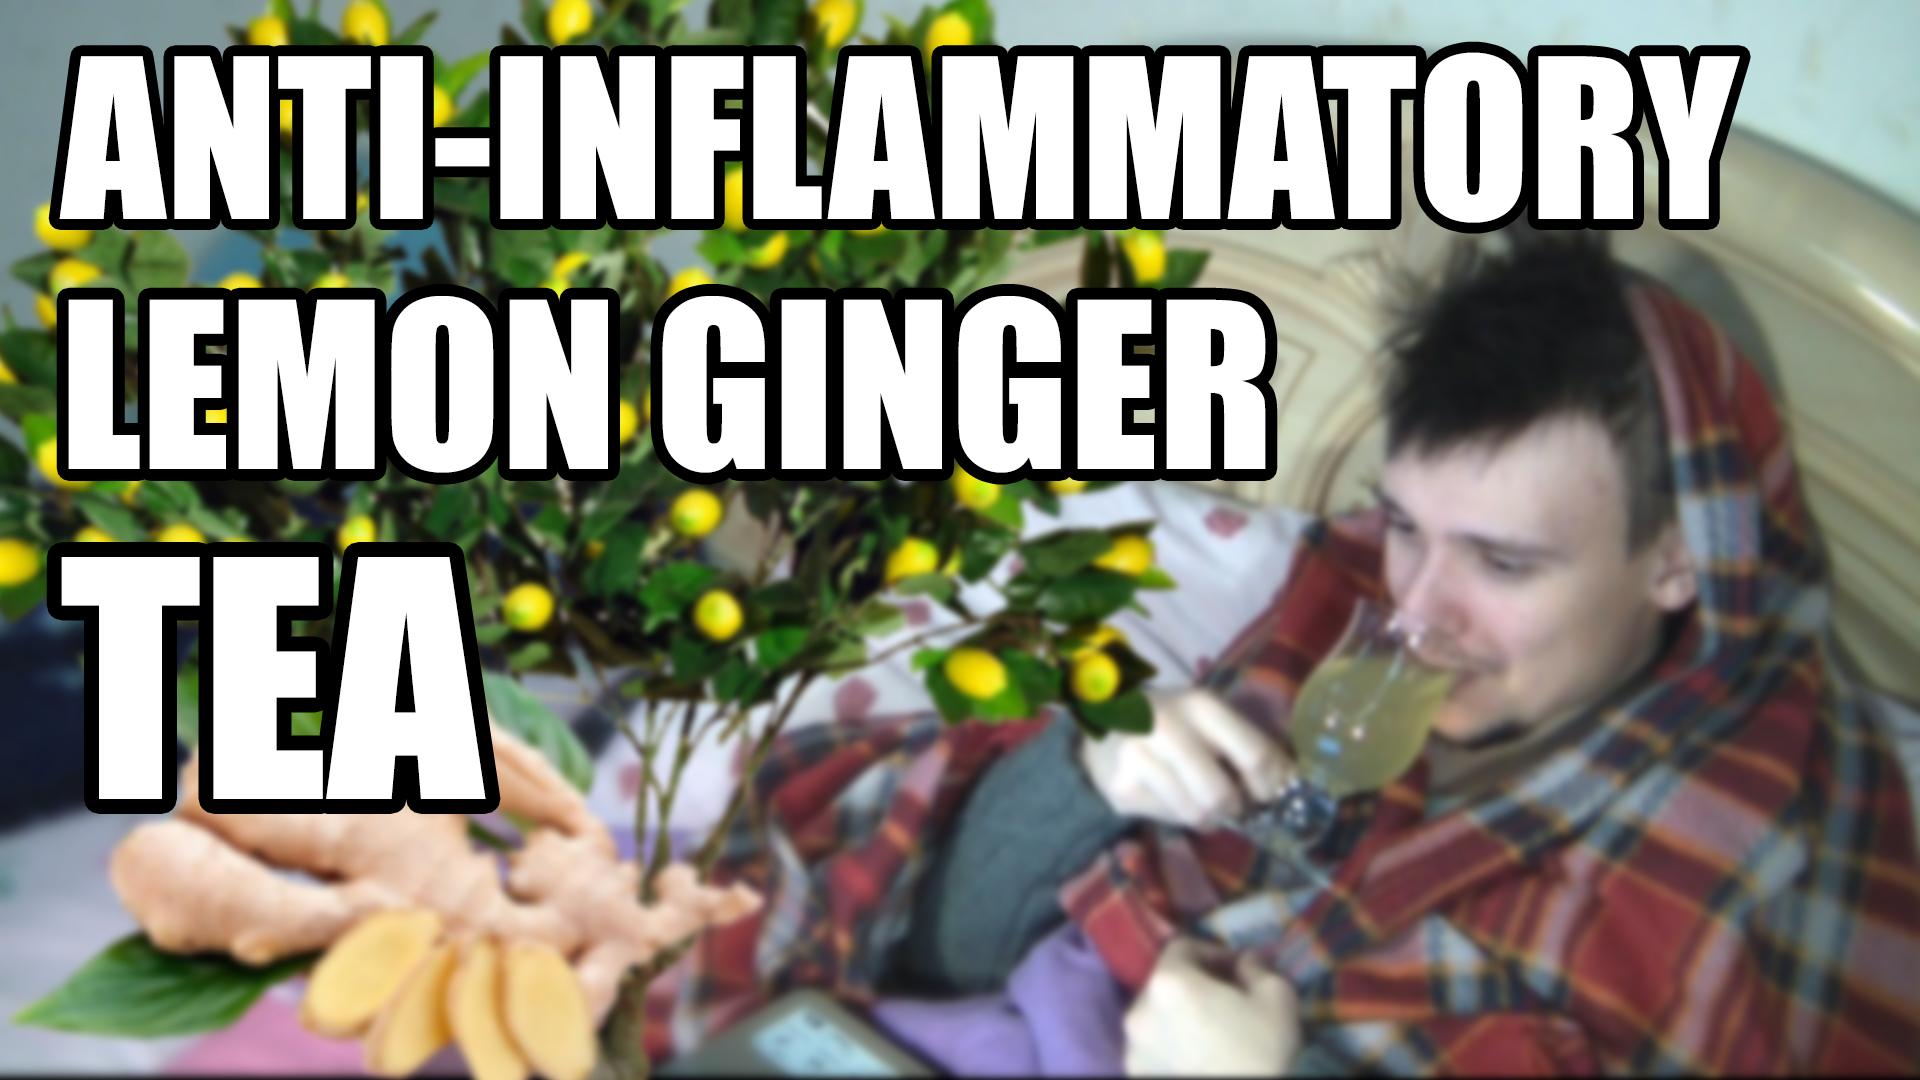 Picture of Lemon Ginger Tea